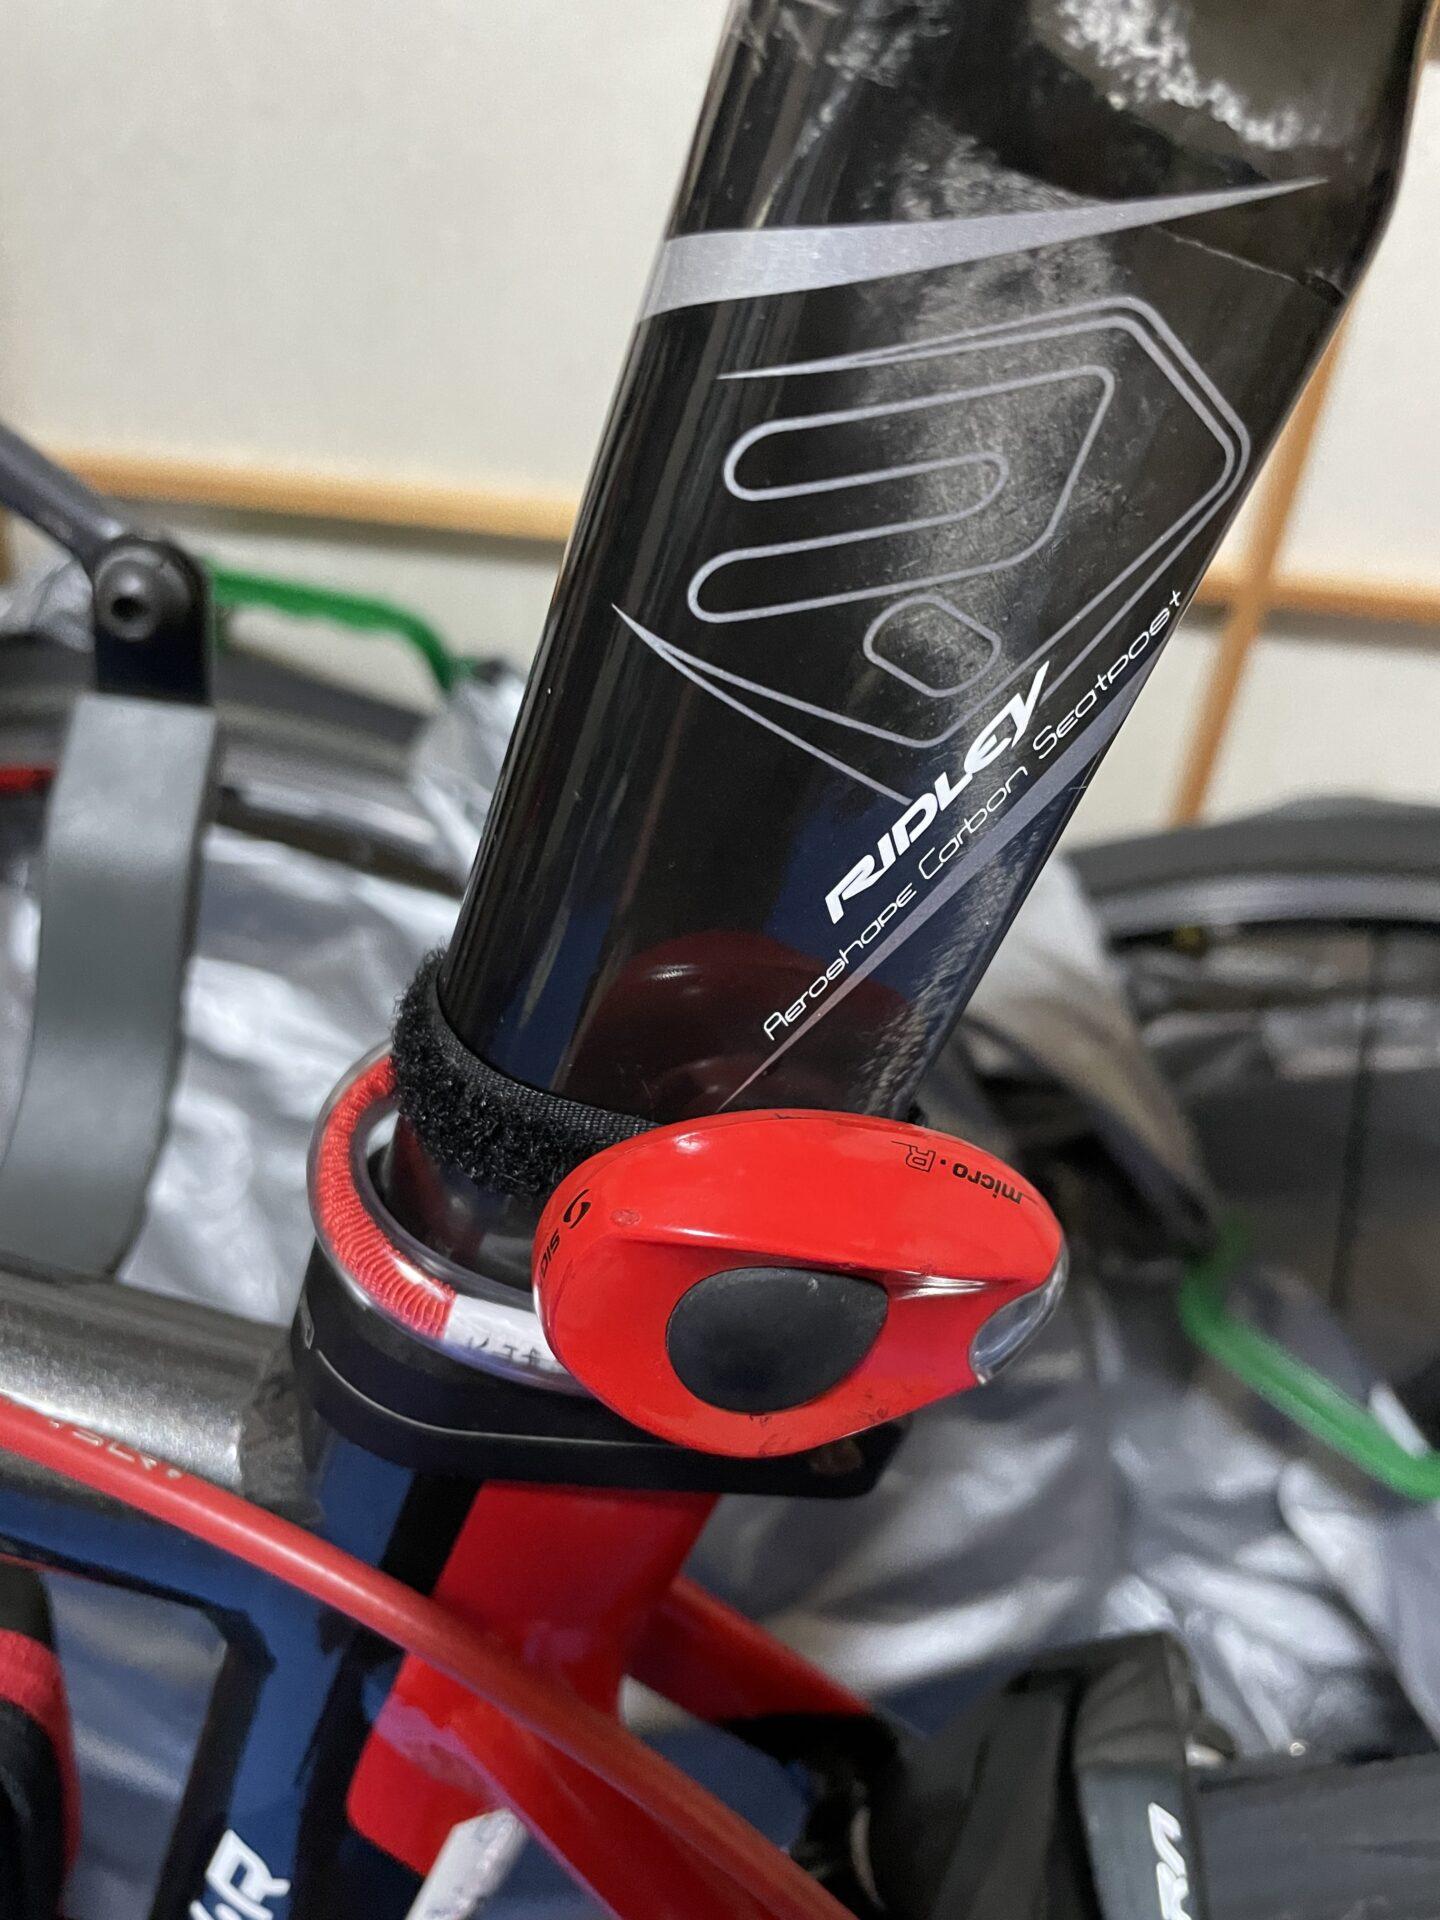 ロードバイク ブレーキランプ 自動点滅 USB充電式 防水リアライト テールライト エアロシートポスト 取り付け不可